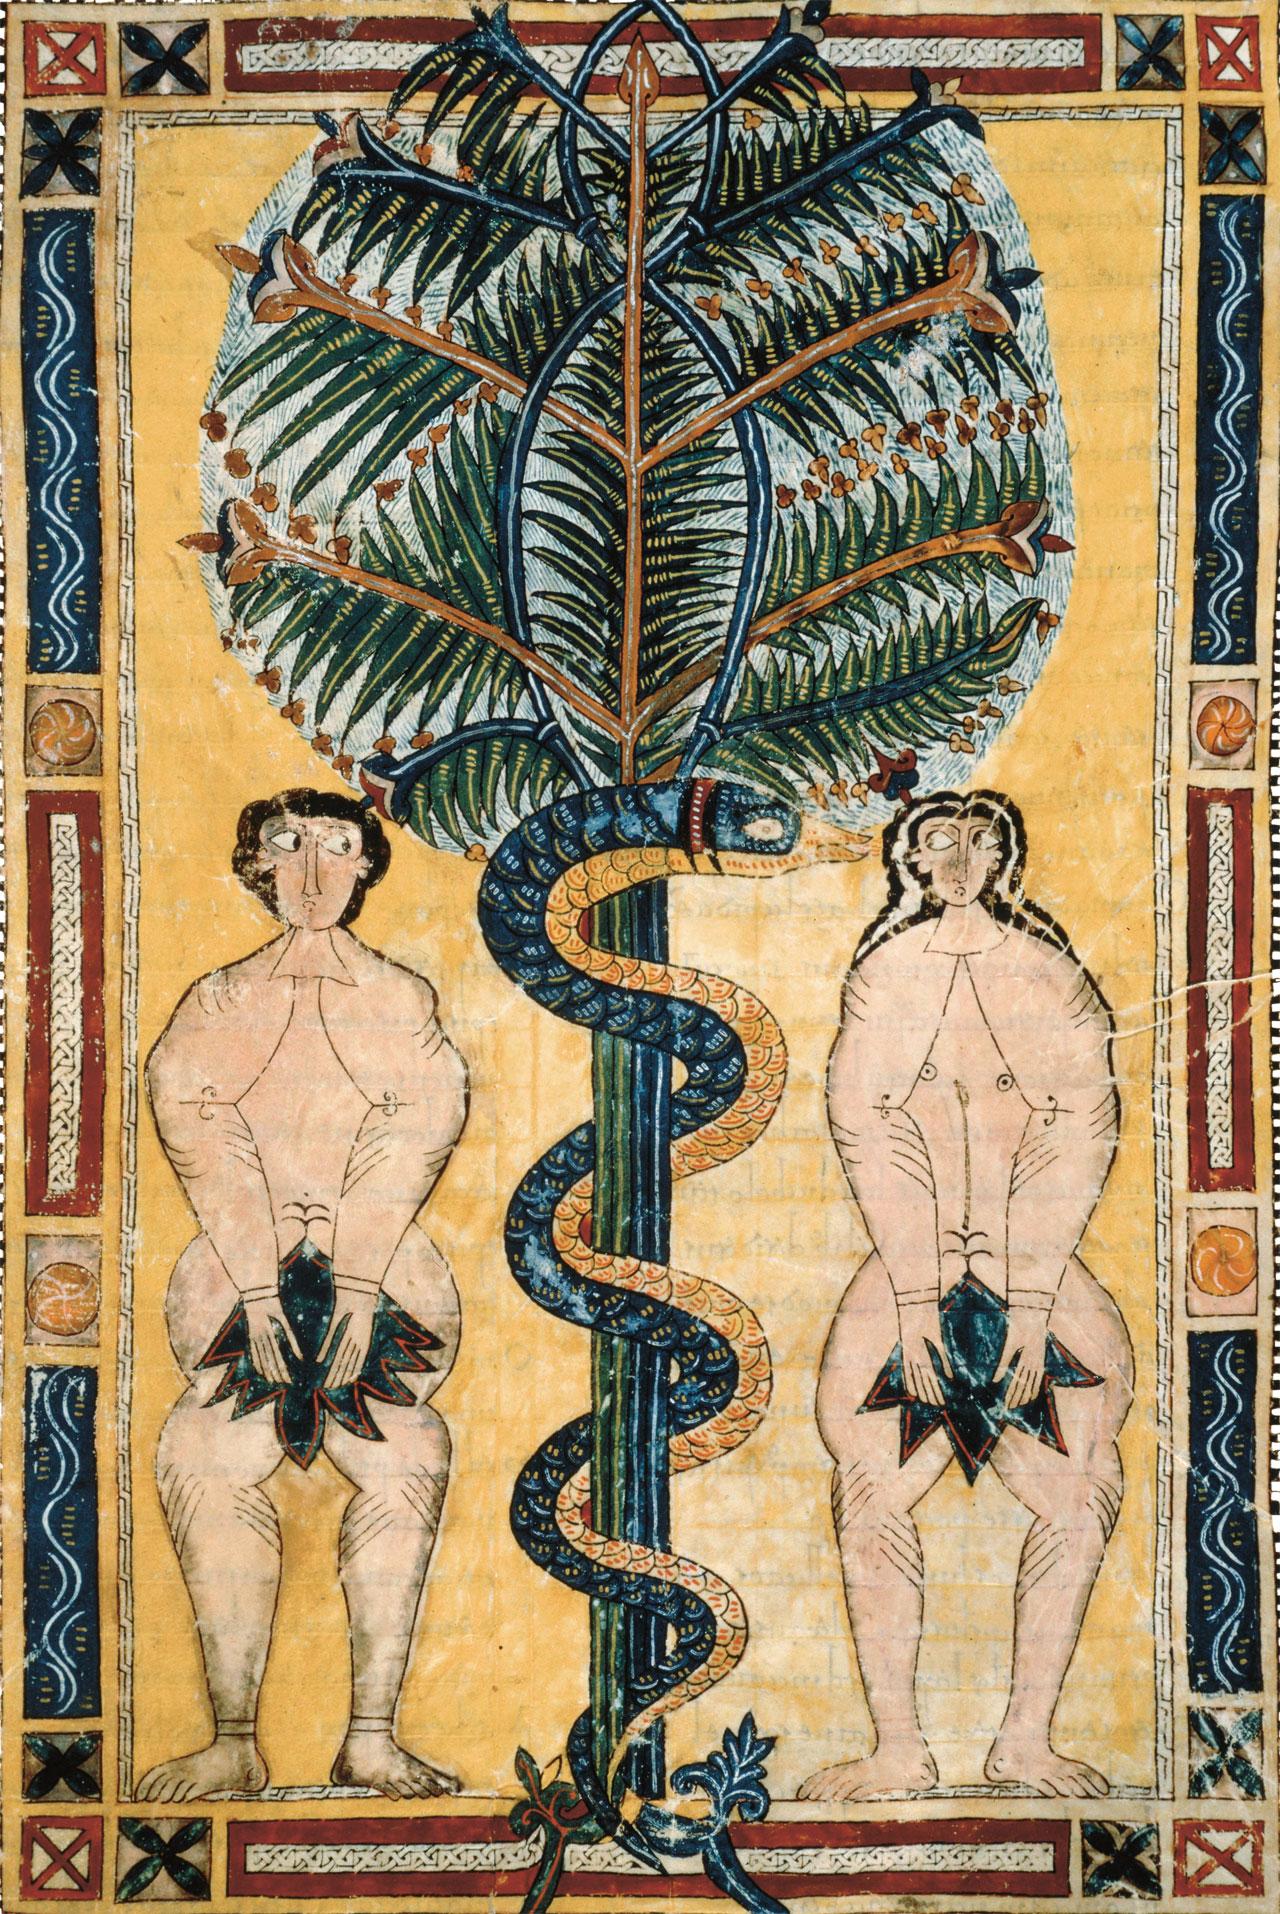 Antes de Agostinho, a história de Adão e Eva parecia uma alegoria confusa para muitos cristãos: por que Deus impediria os homens de conhecer o bem e o mal?